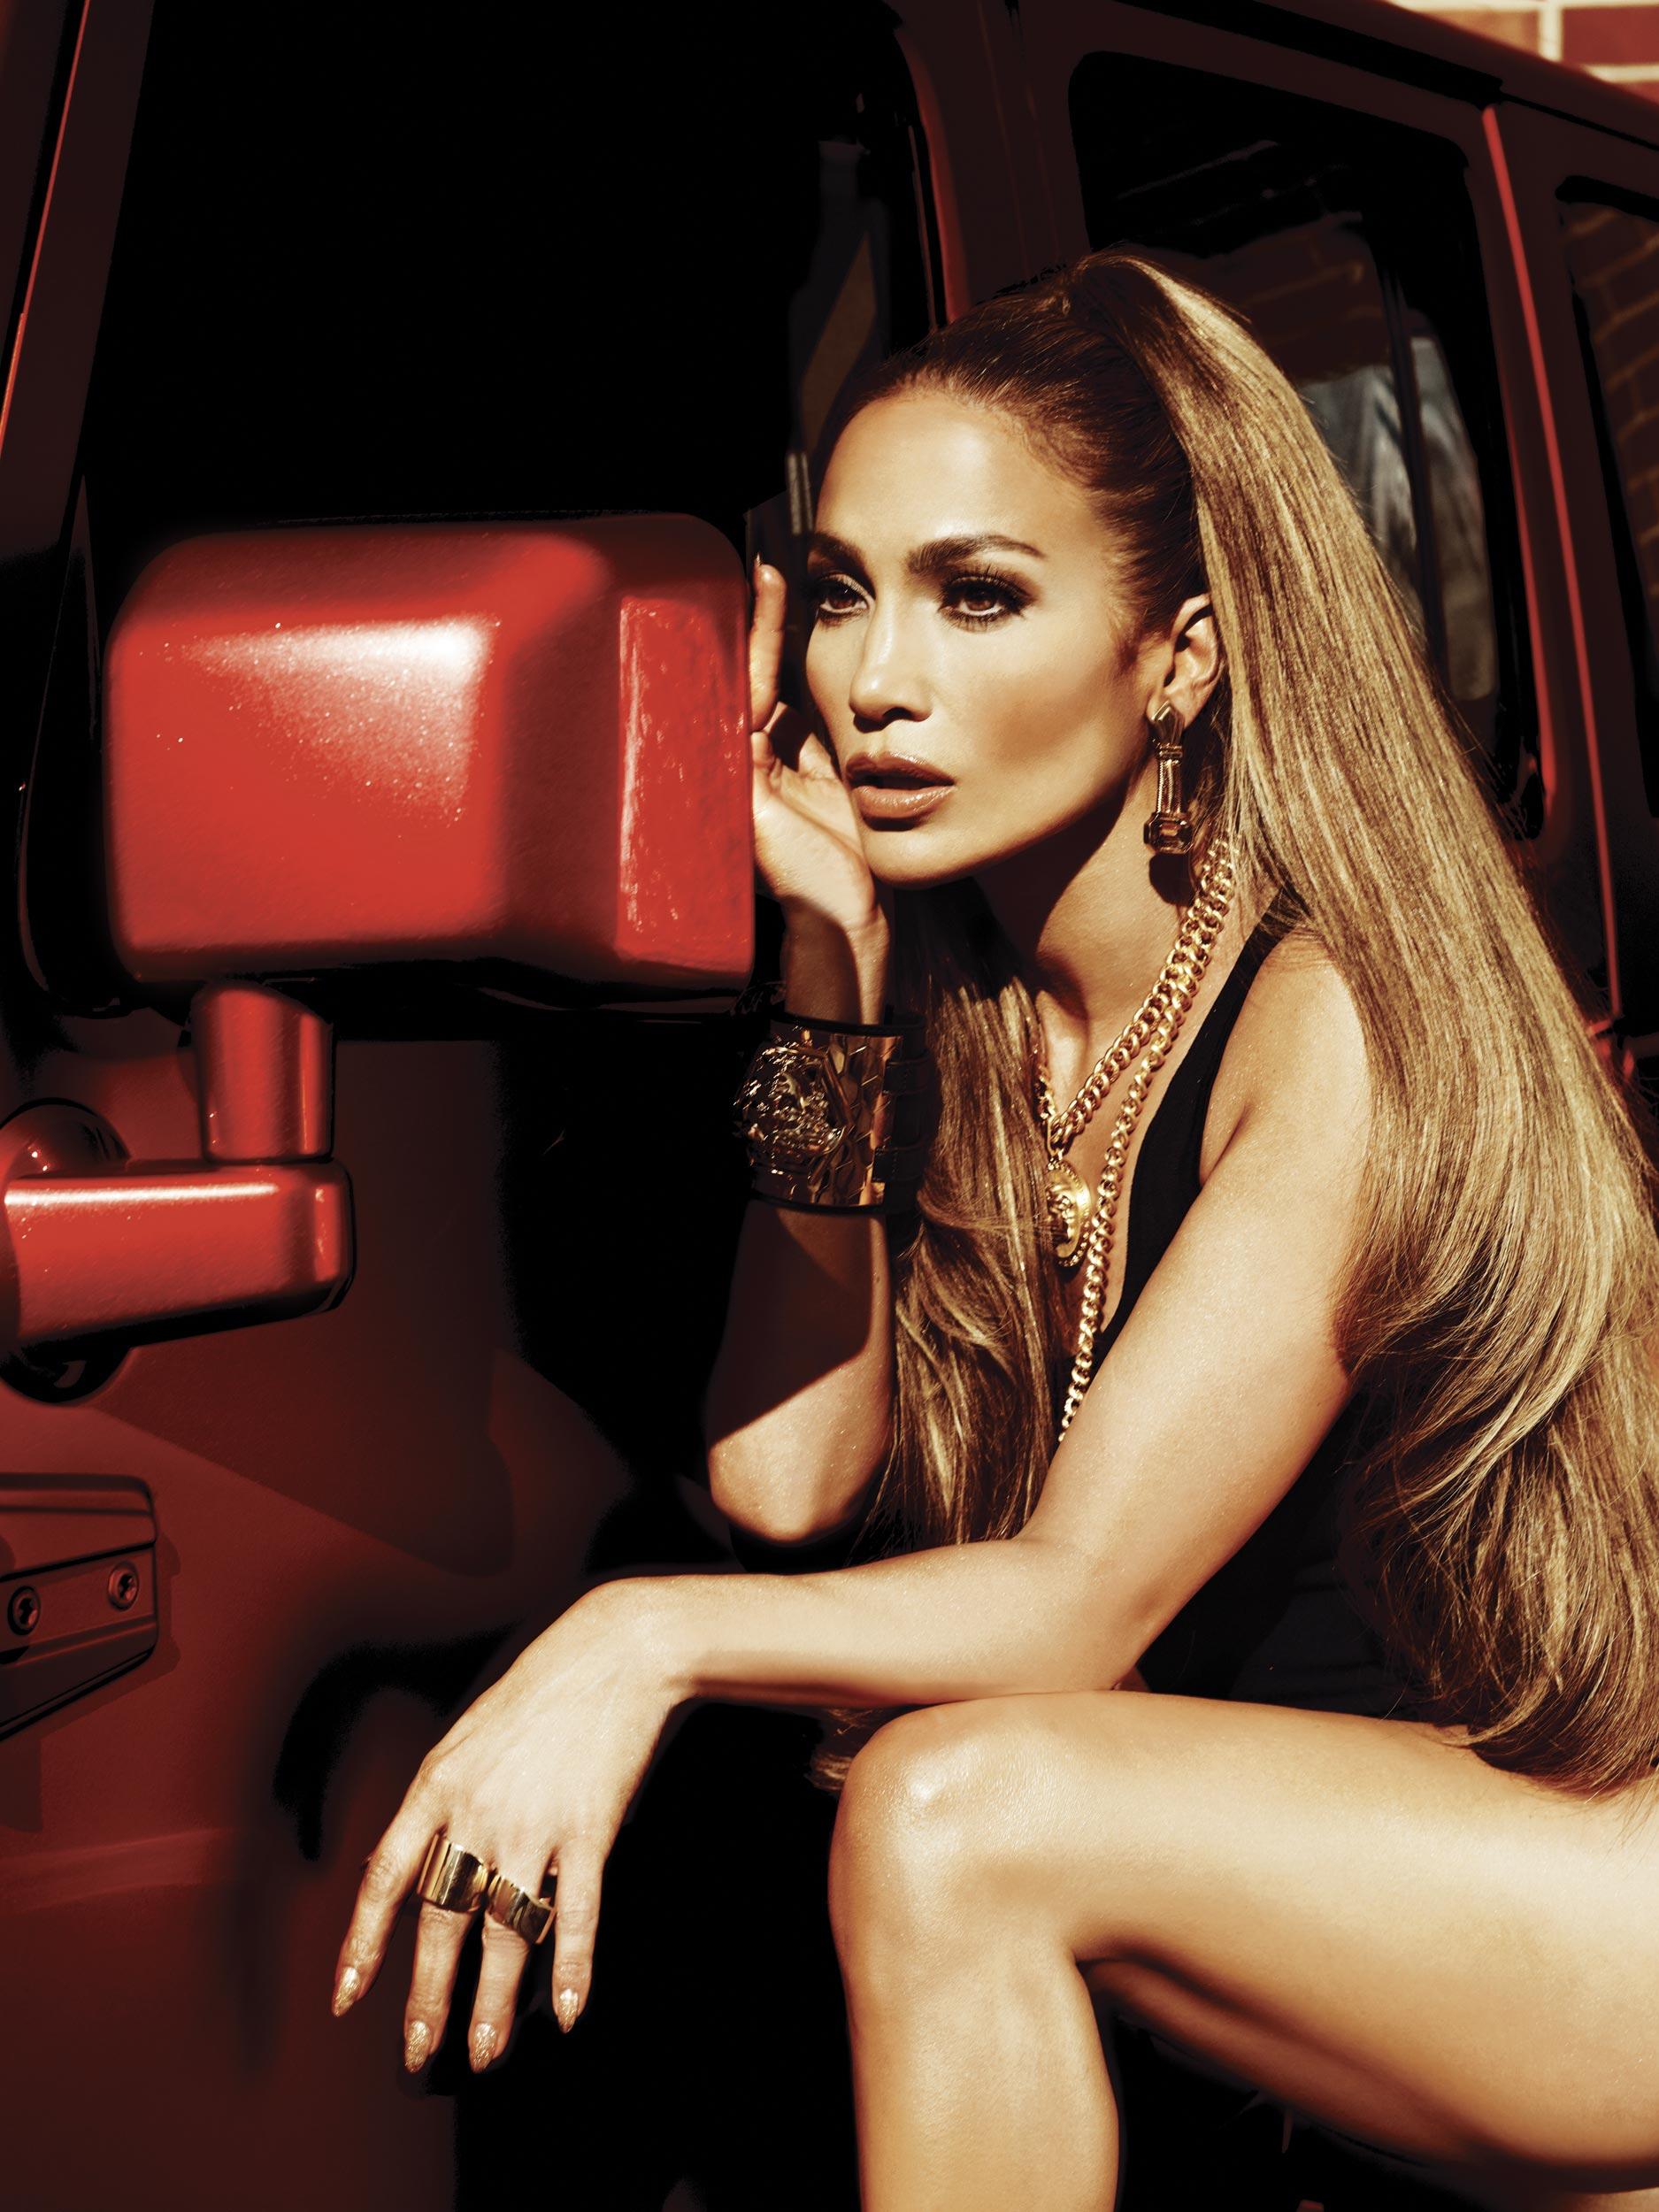 Jennifer Lopez Leggy And Hot For AKA Album